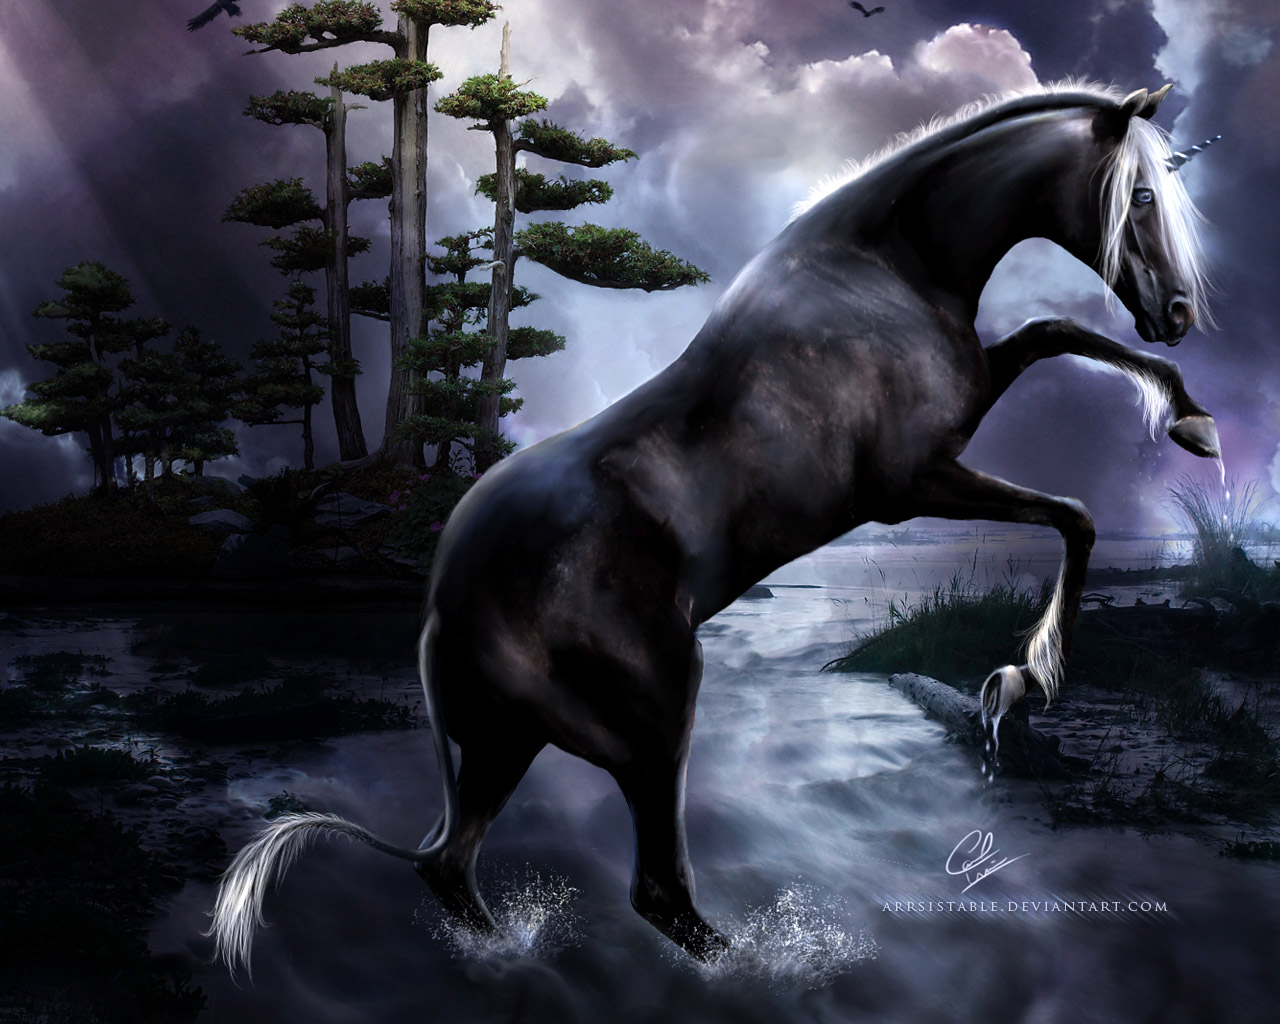 лошади обои на рабочий стол 1280х1024 № 489521 загрузить